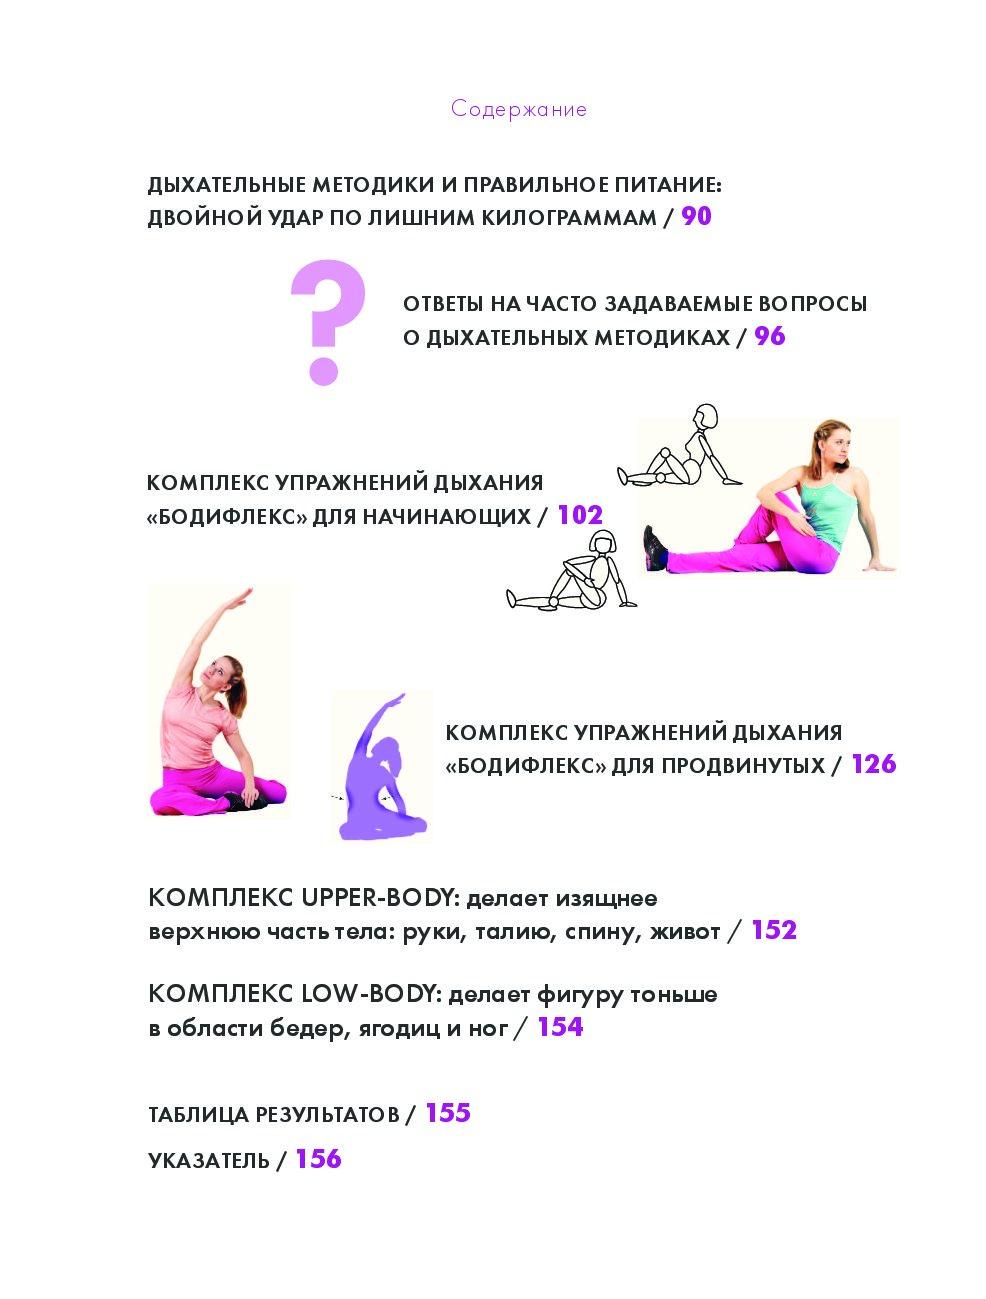 Методика похудения дыханием